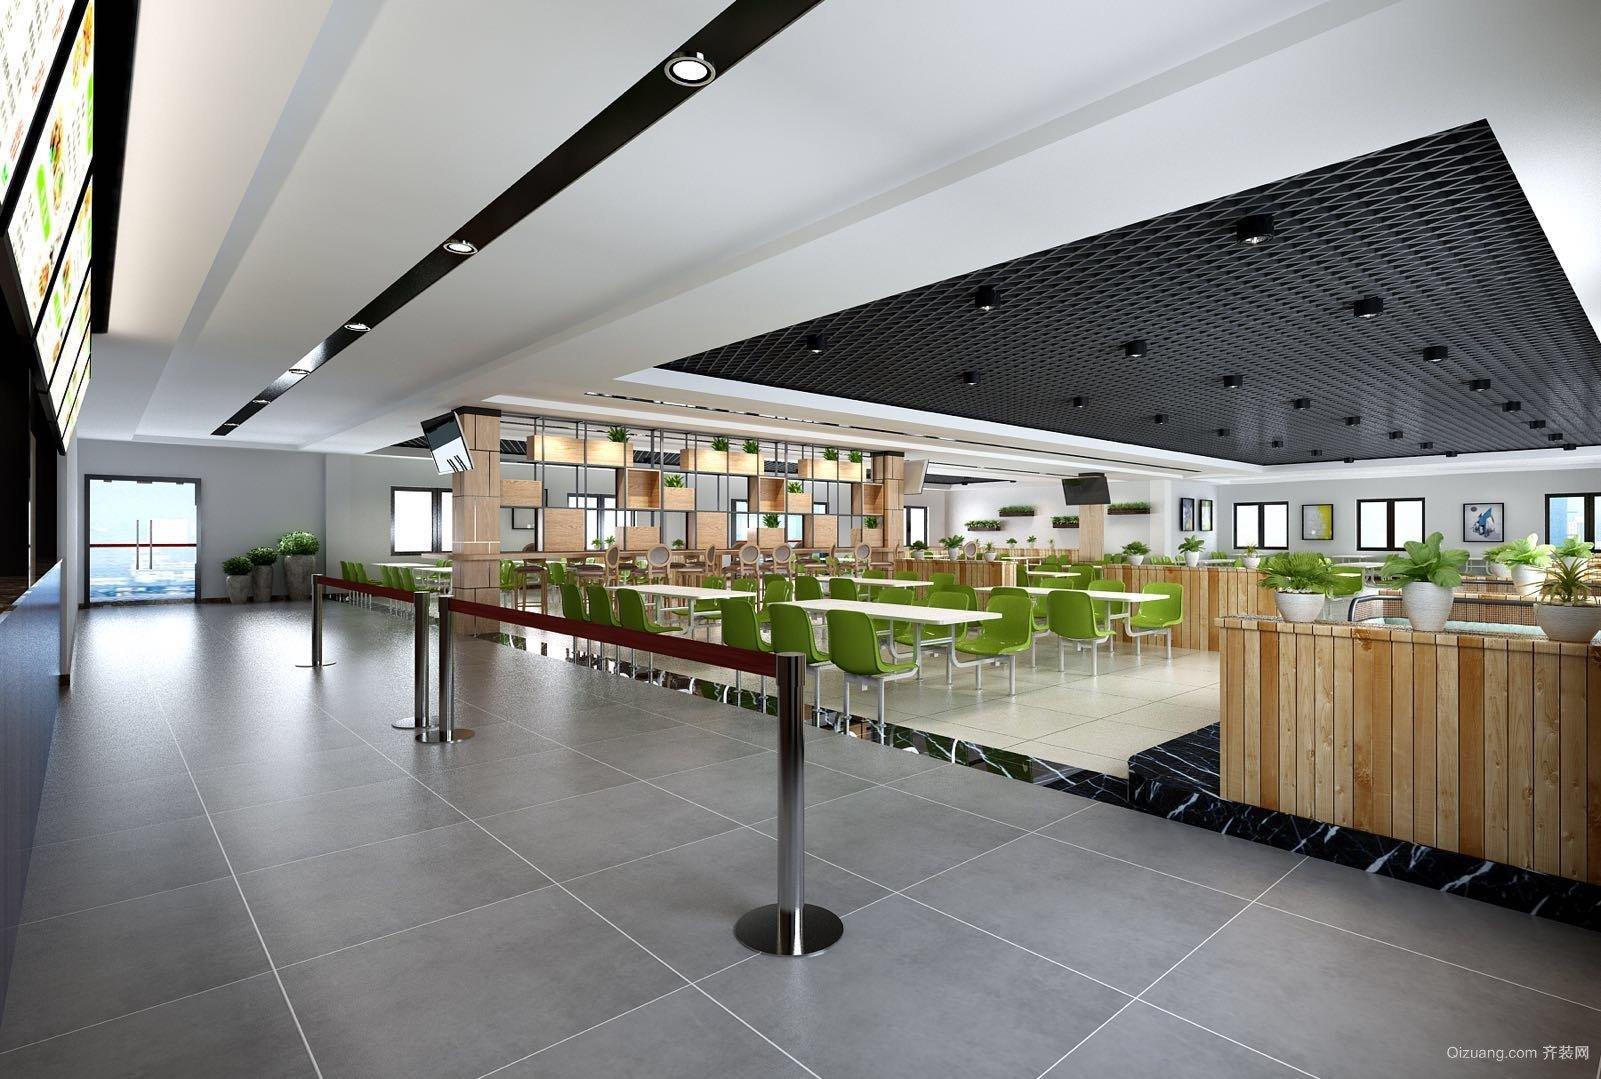 江西菲蓝生物工程有限公司混搭风格装修效果图实景图